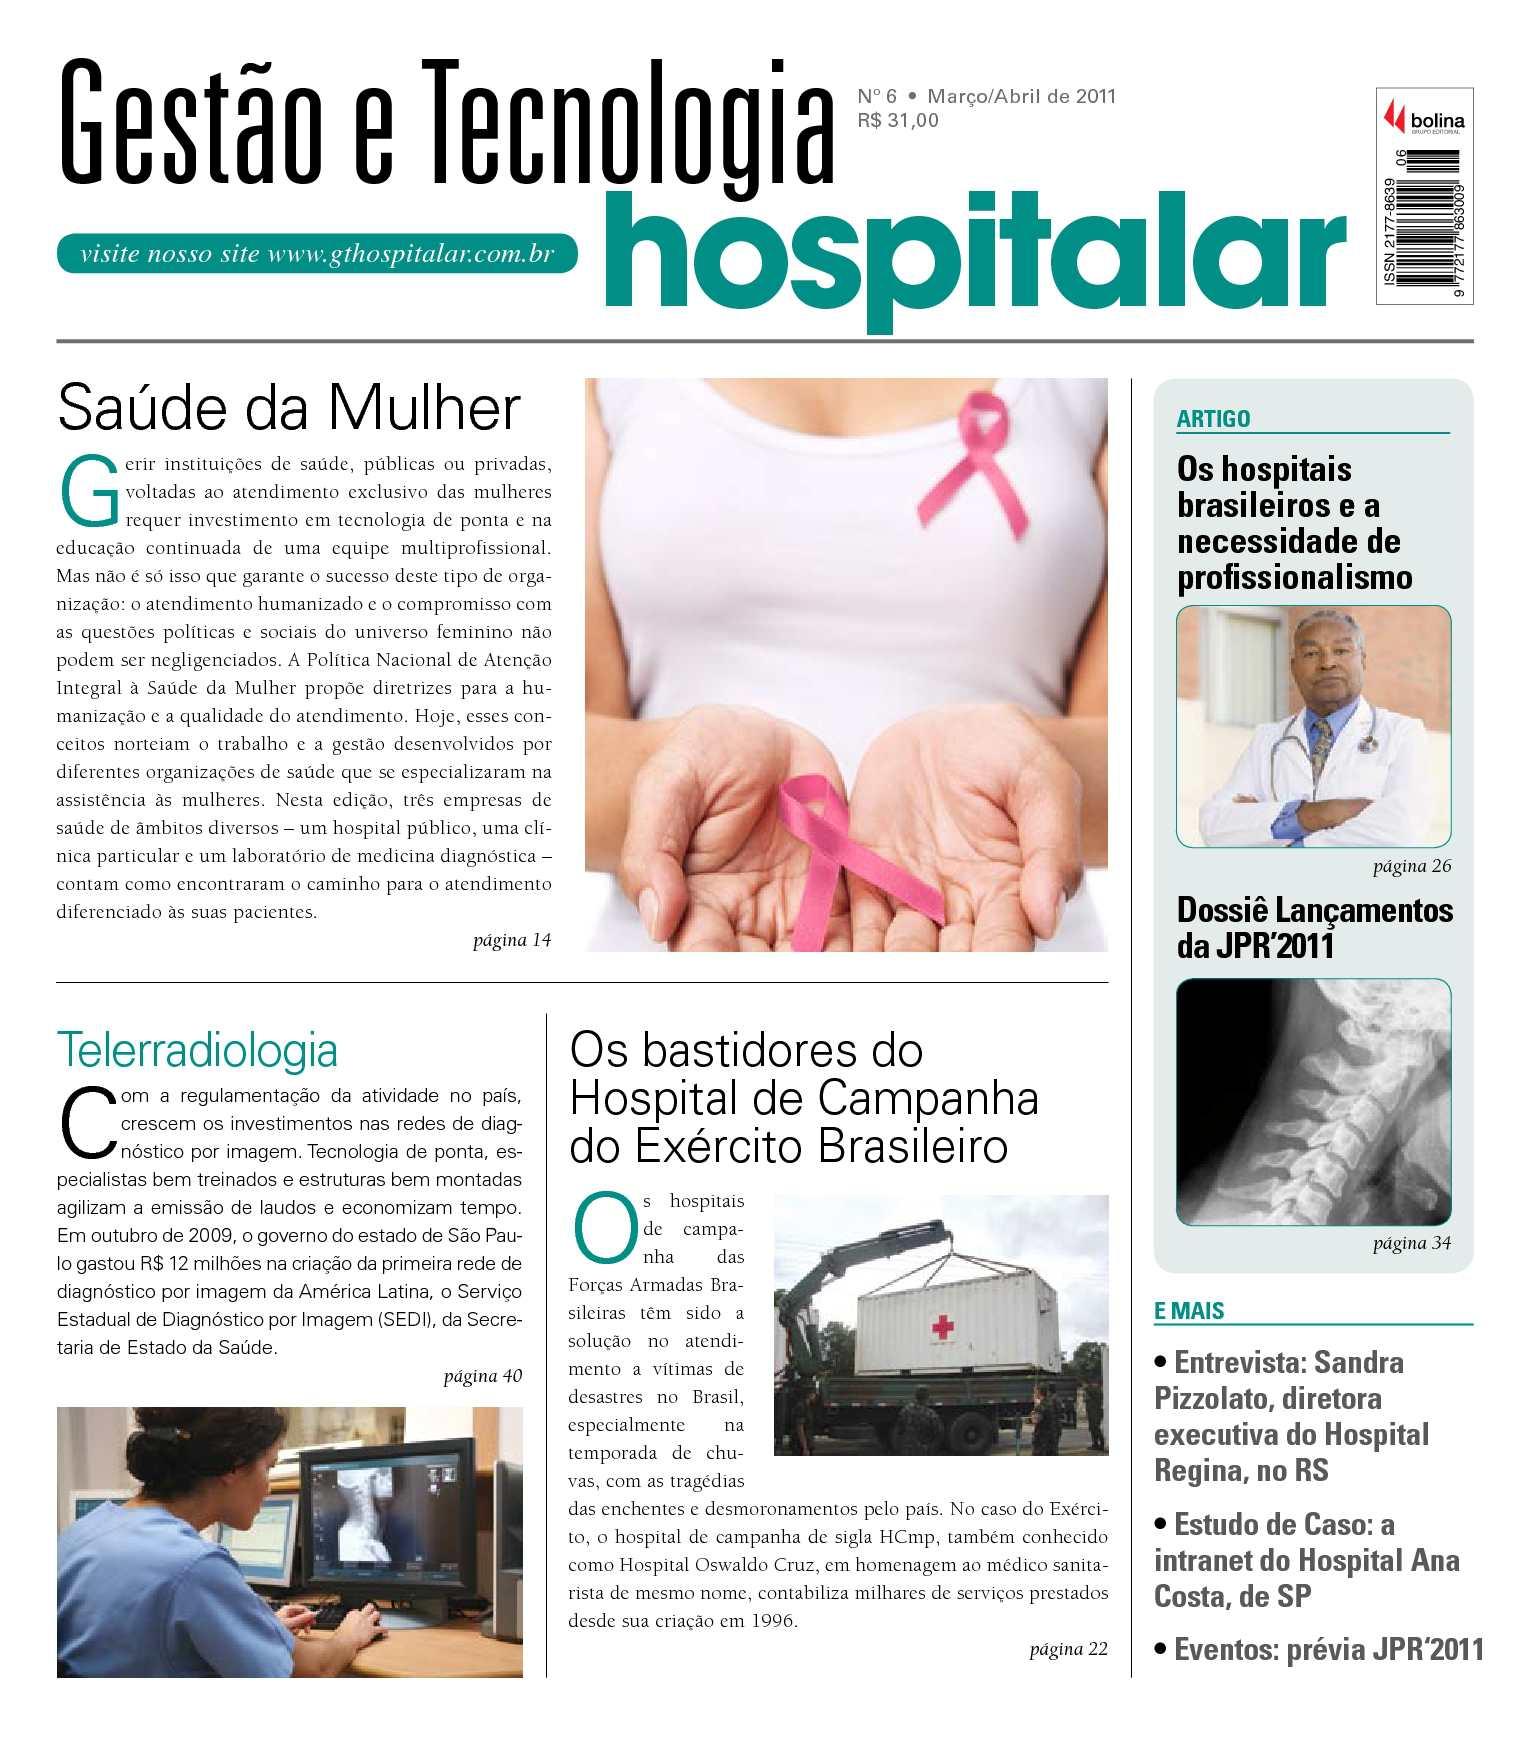 adc9116c6 Calaméo - Gestão e Tecnologia Hospitalar - Brasil #06